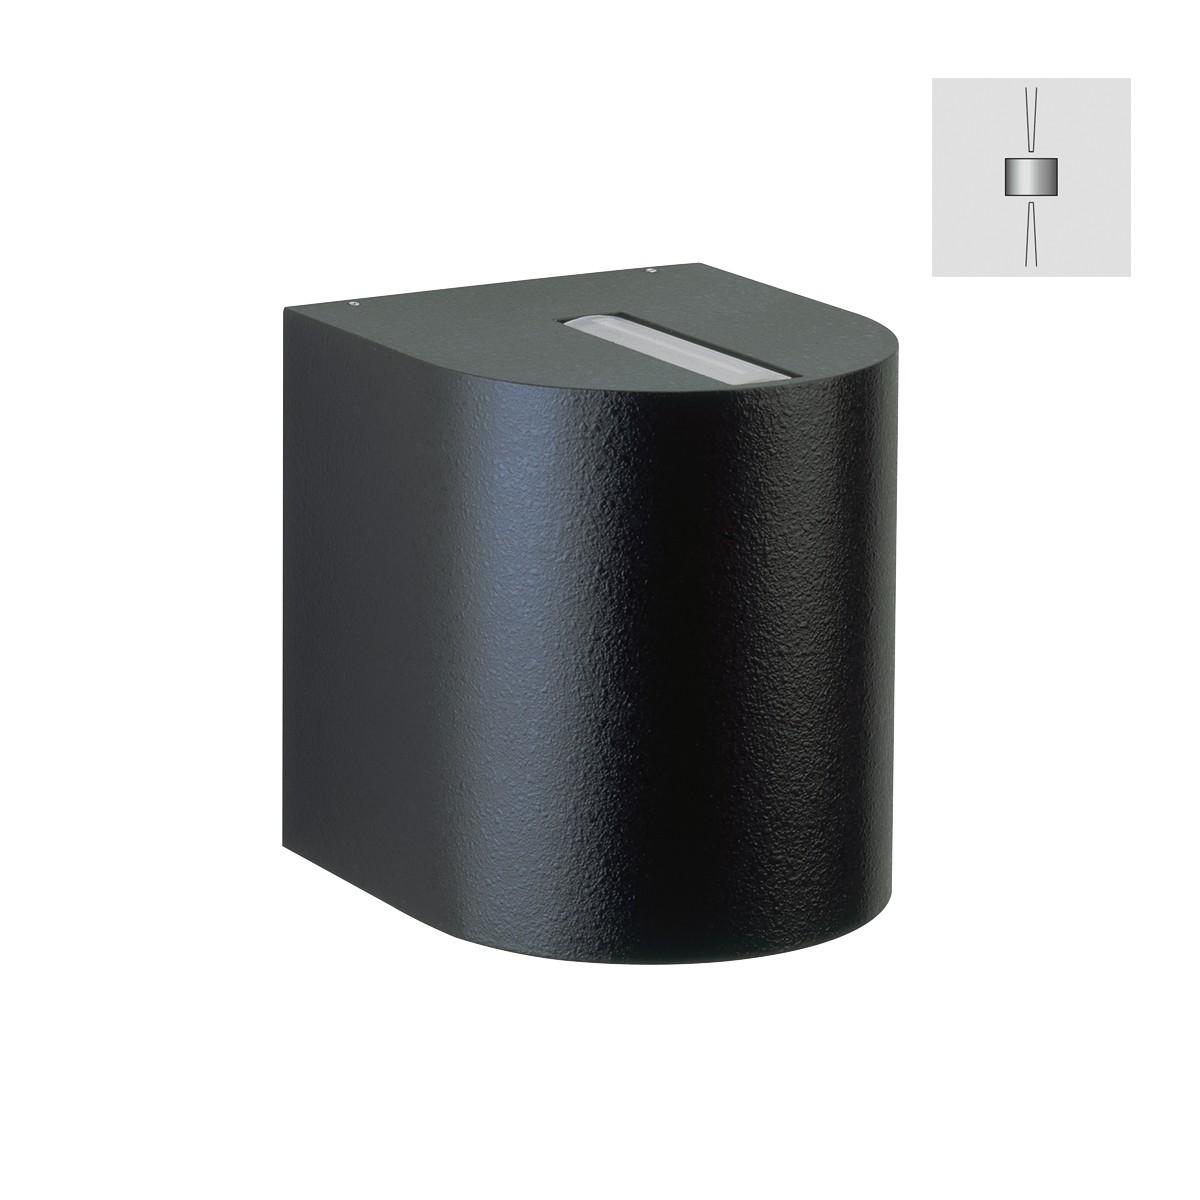 Albert 2400 Wandstrahler, eng/eng, schwarz